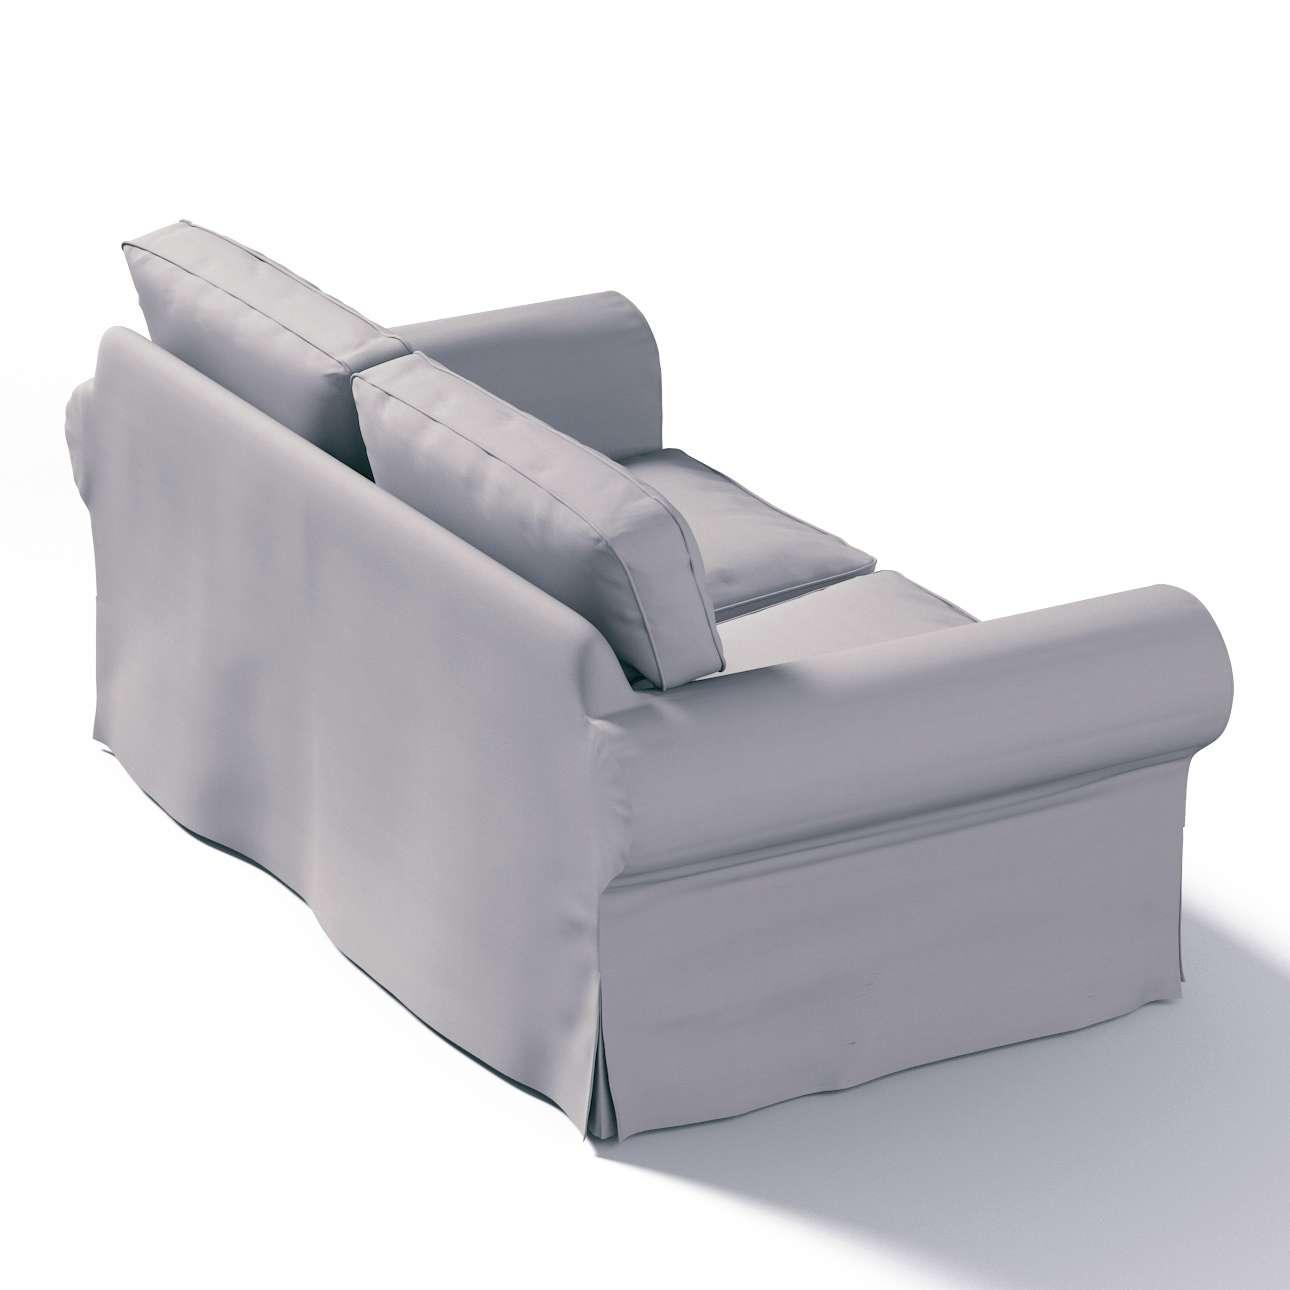 Ektorp dvivietės sofos užvalkalas Ektorp dvivietės sofos užvalkalas kolekcijoje Cotton Panama, audinys: 702-07